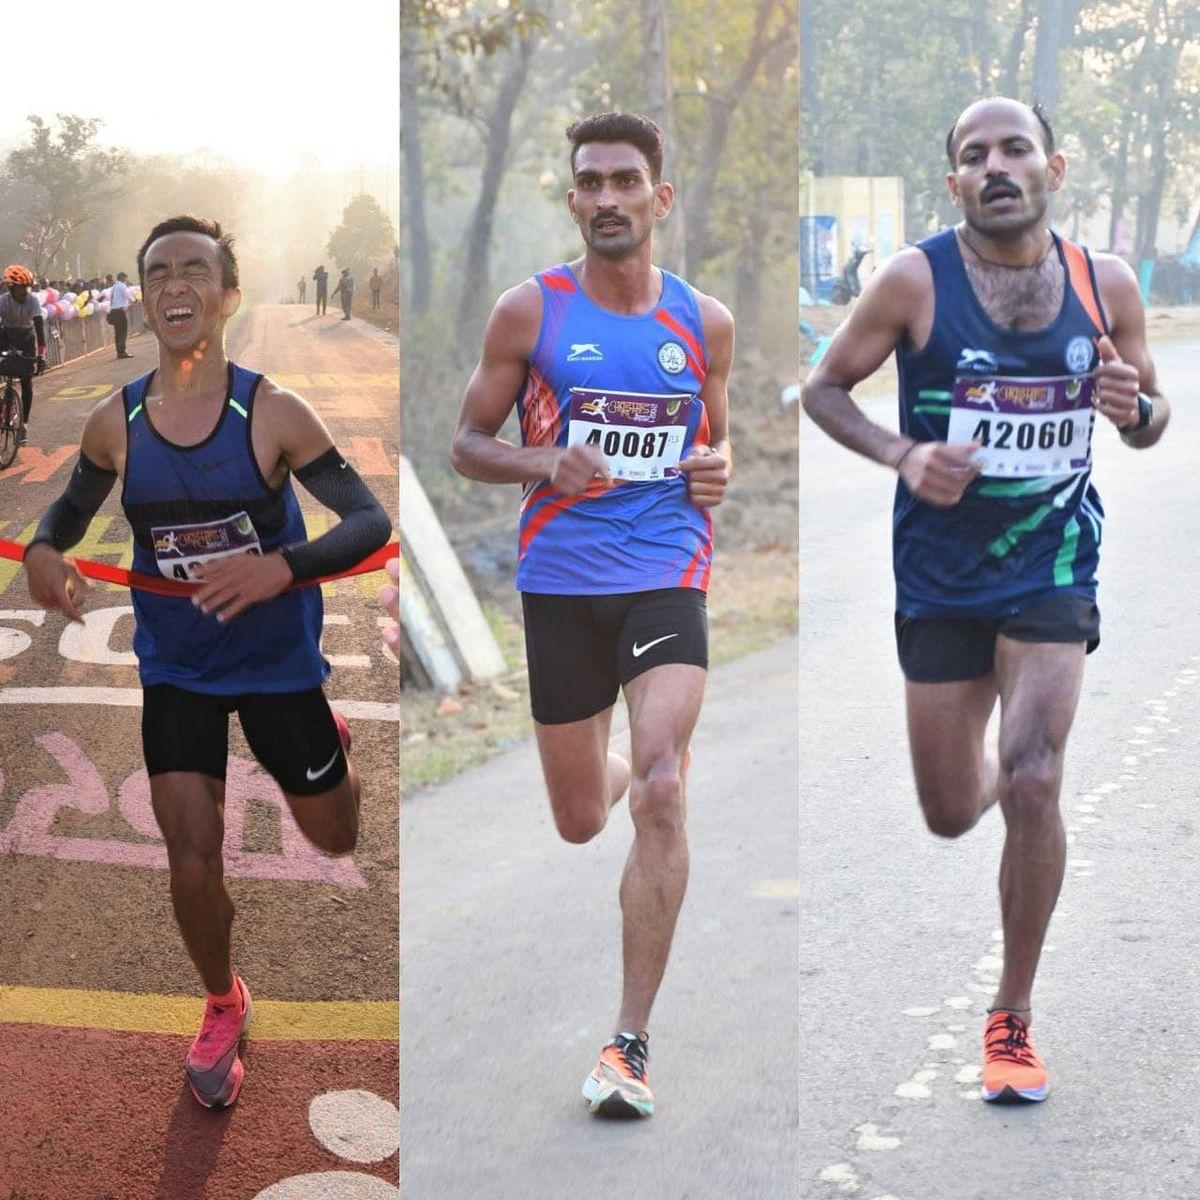 नारायणपुर : अबूझमाड़ पीस हाफ मैराथन में दौड़े हजारों धावक